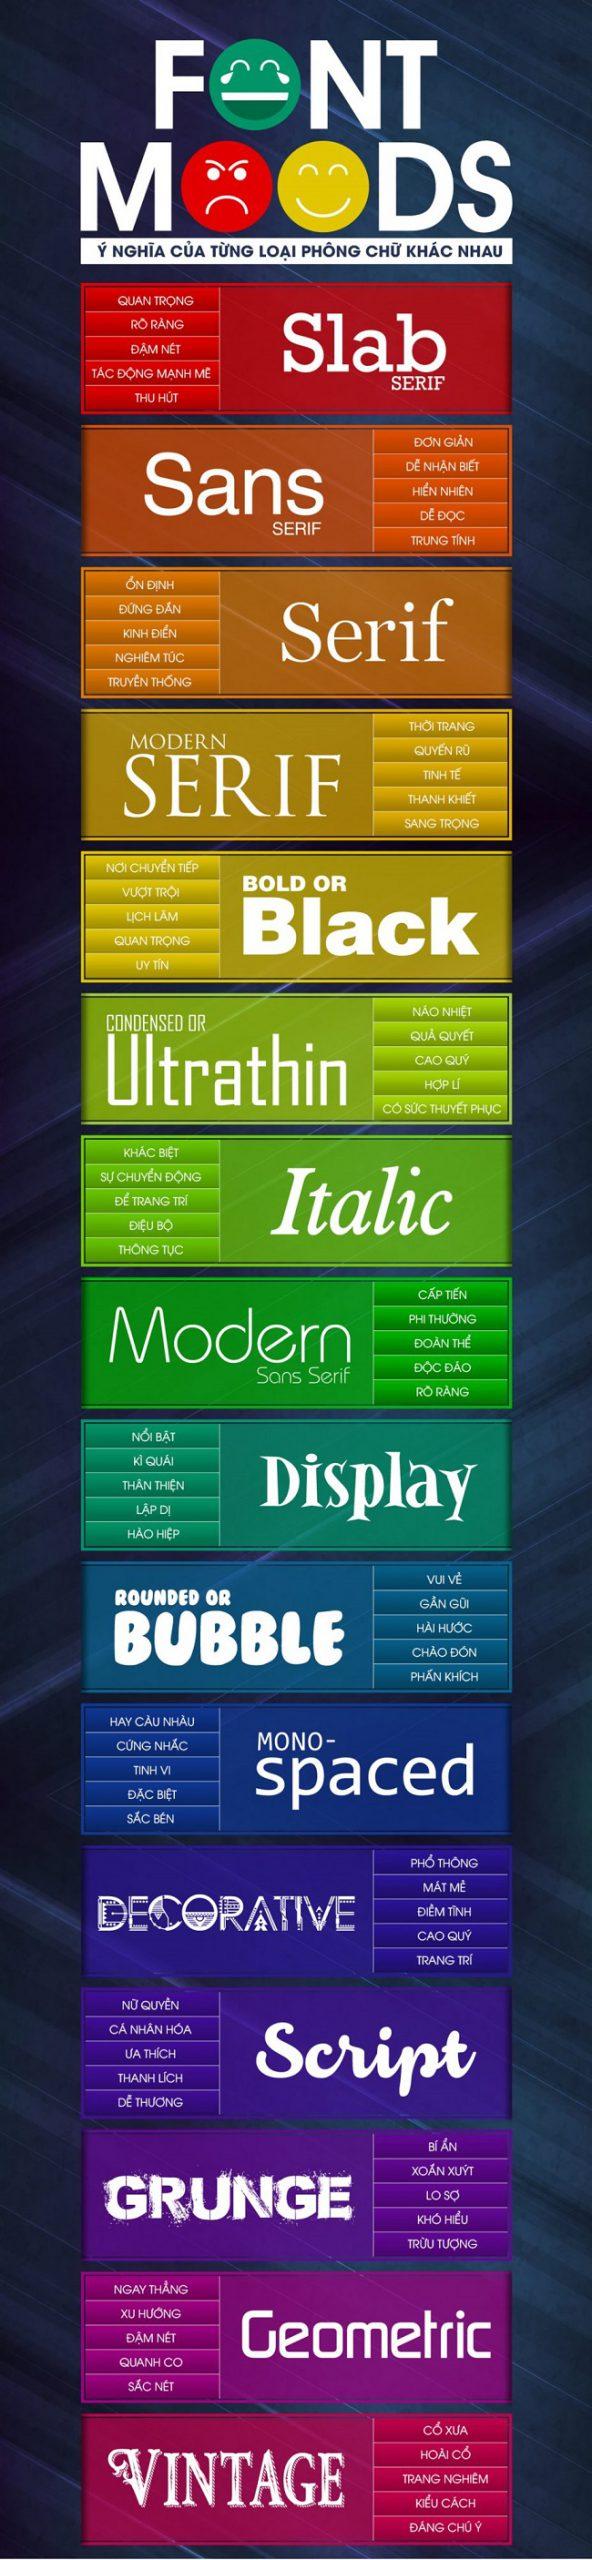 Thương hiệu của bạn phù hợp với font chữ nào?